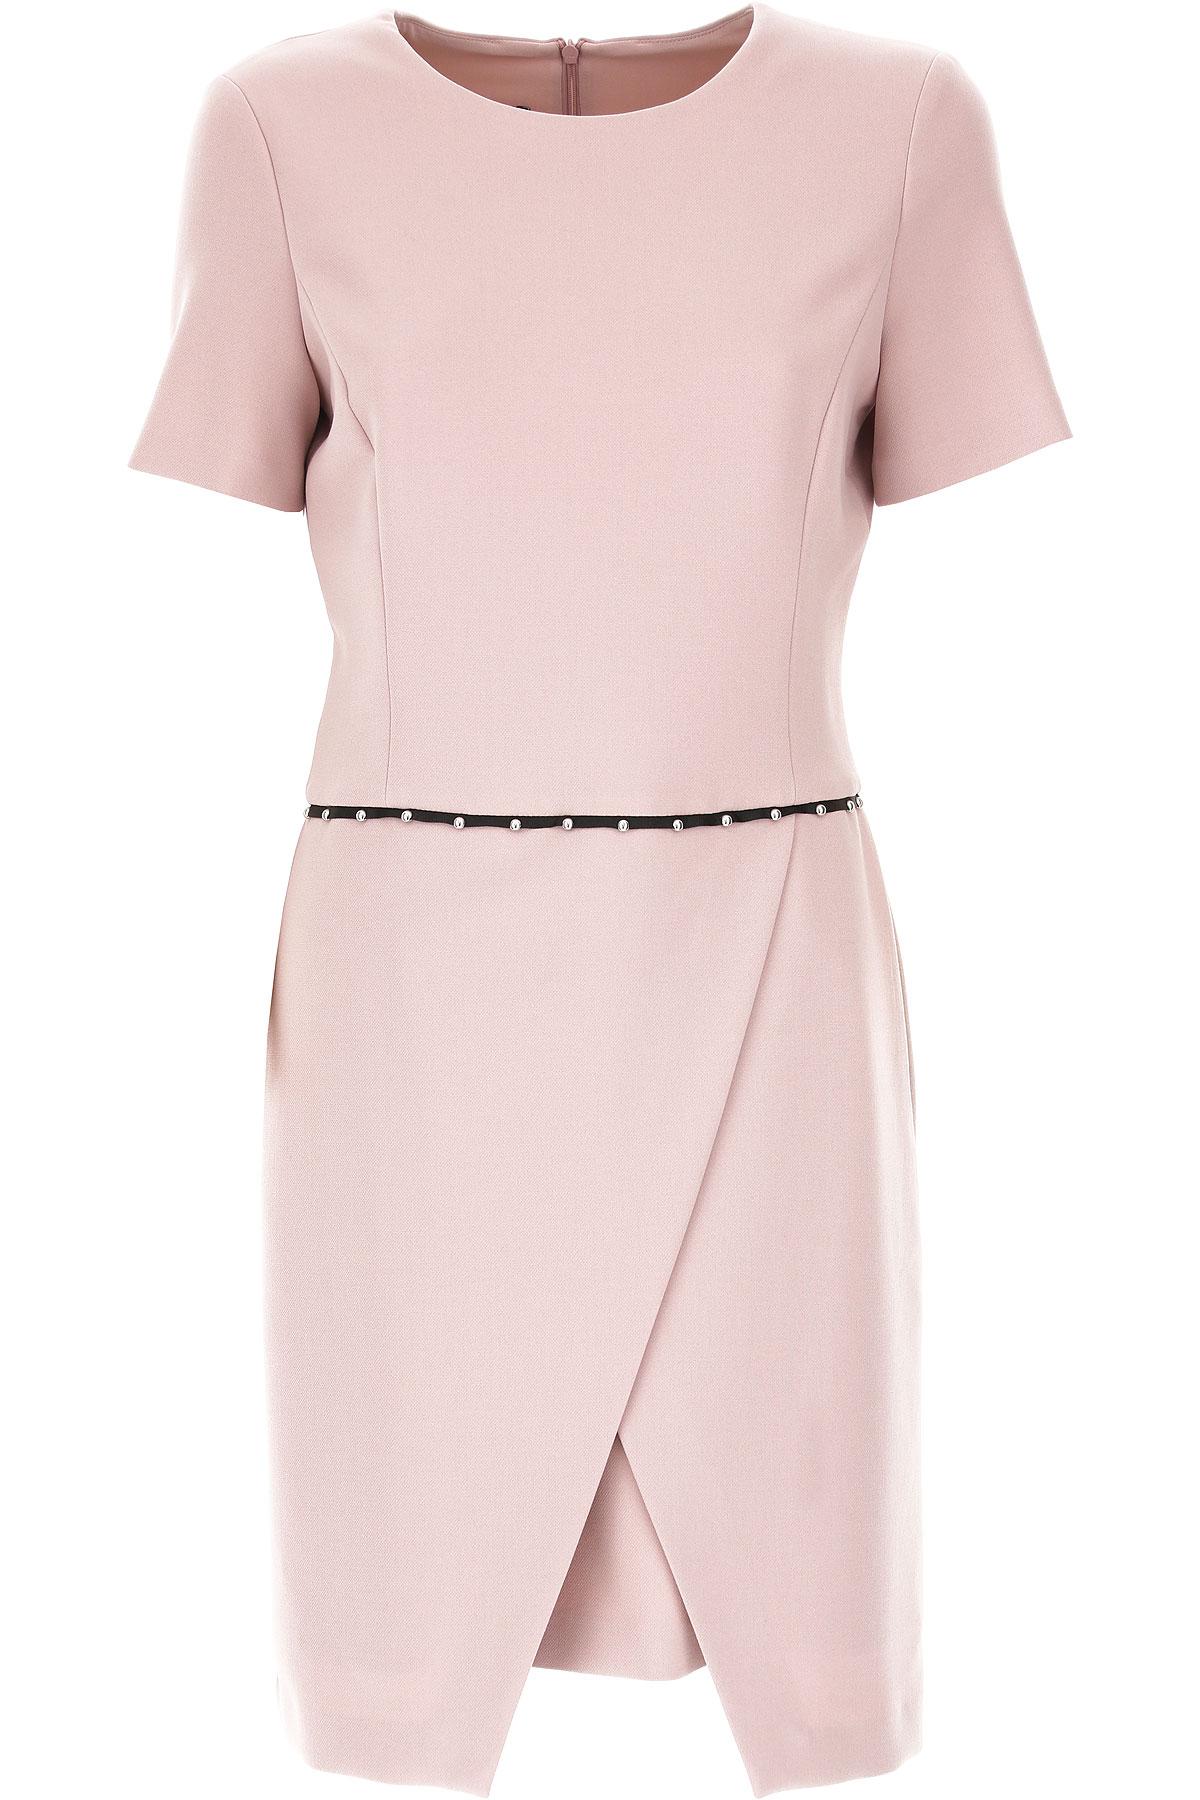 Vêtements Femme Emporio Armani, Code produit  1na39t-12005-324 2985f10d4956